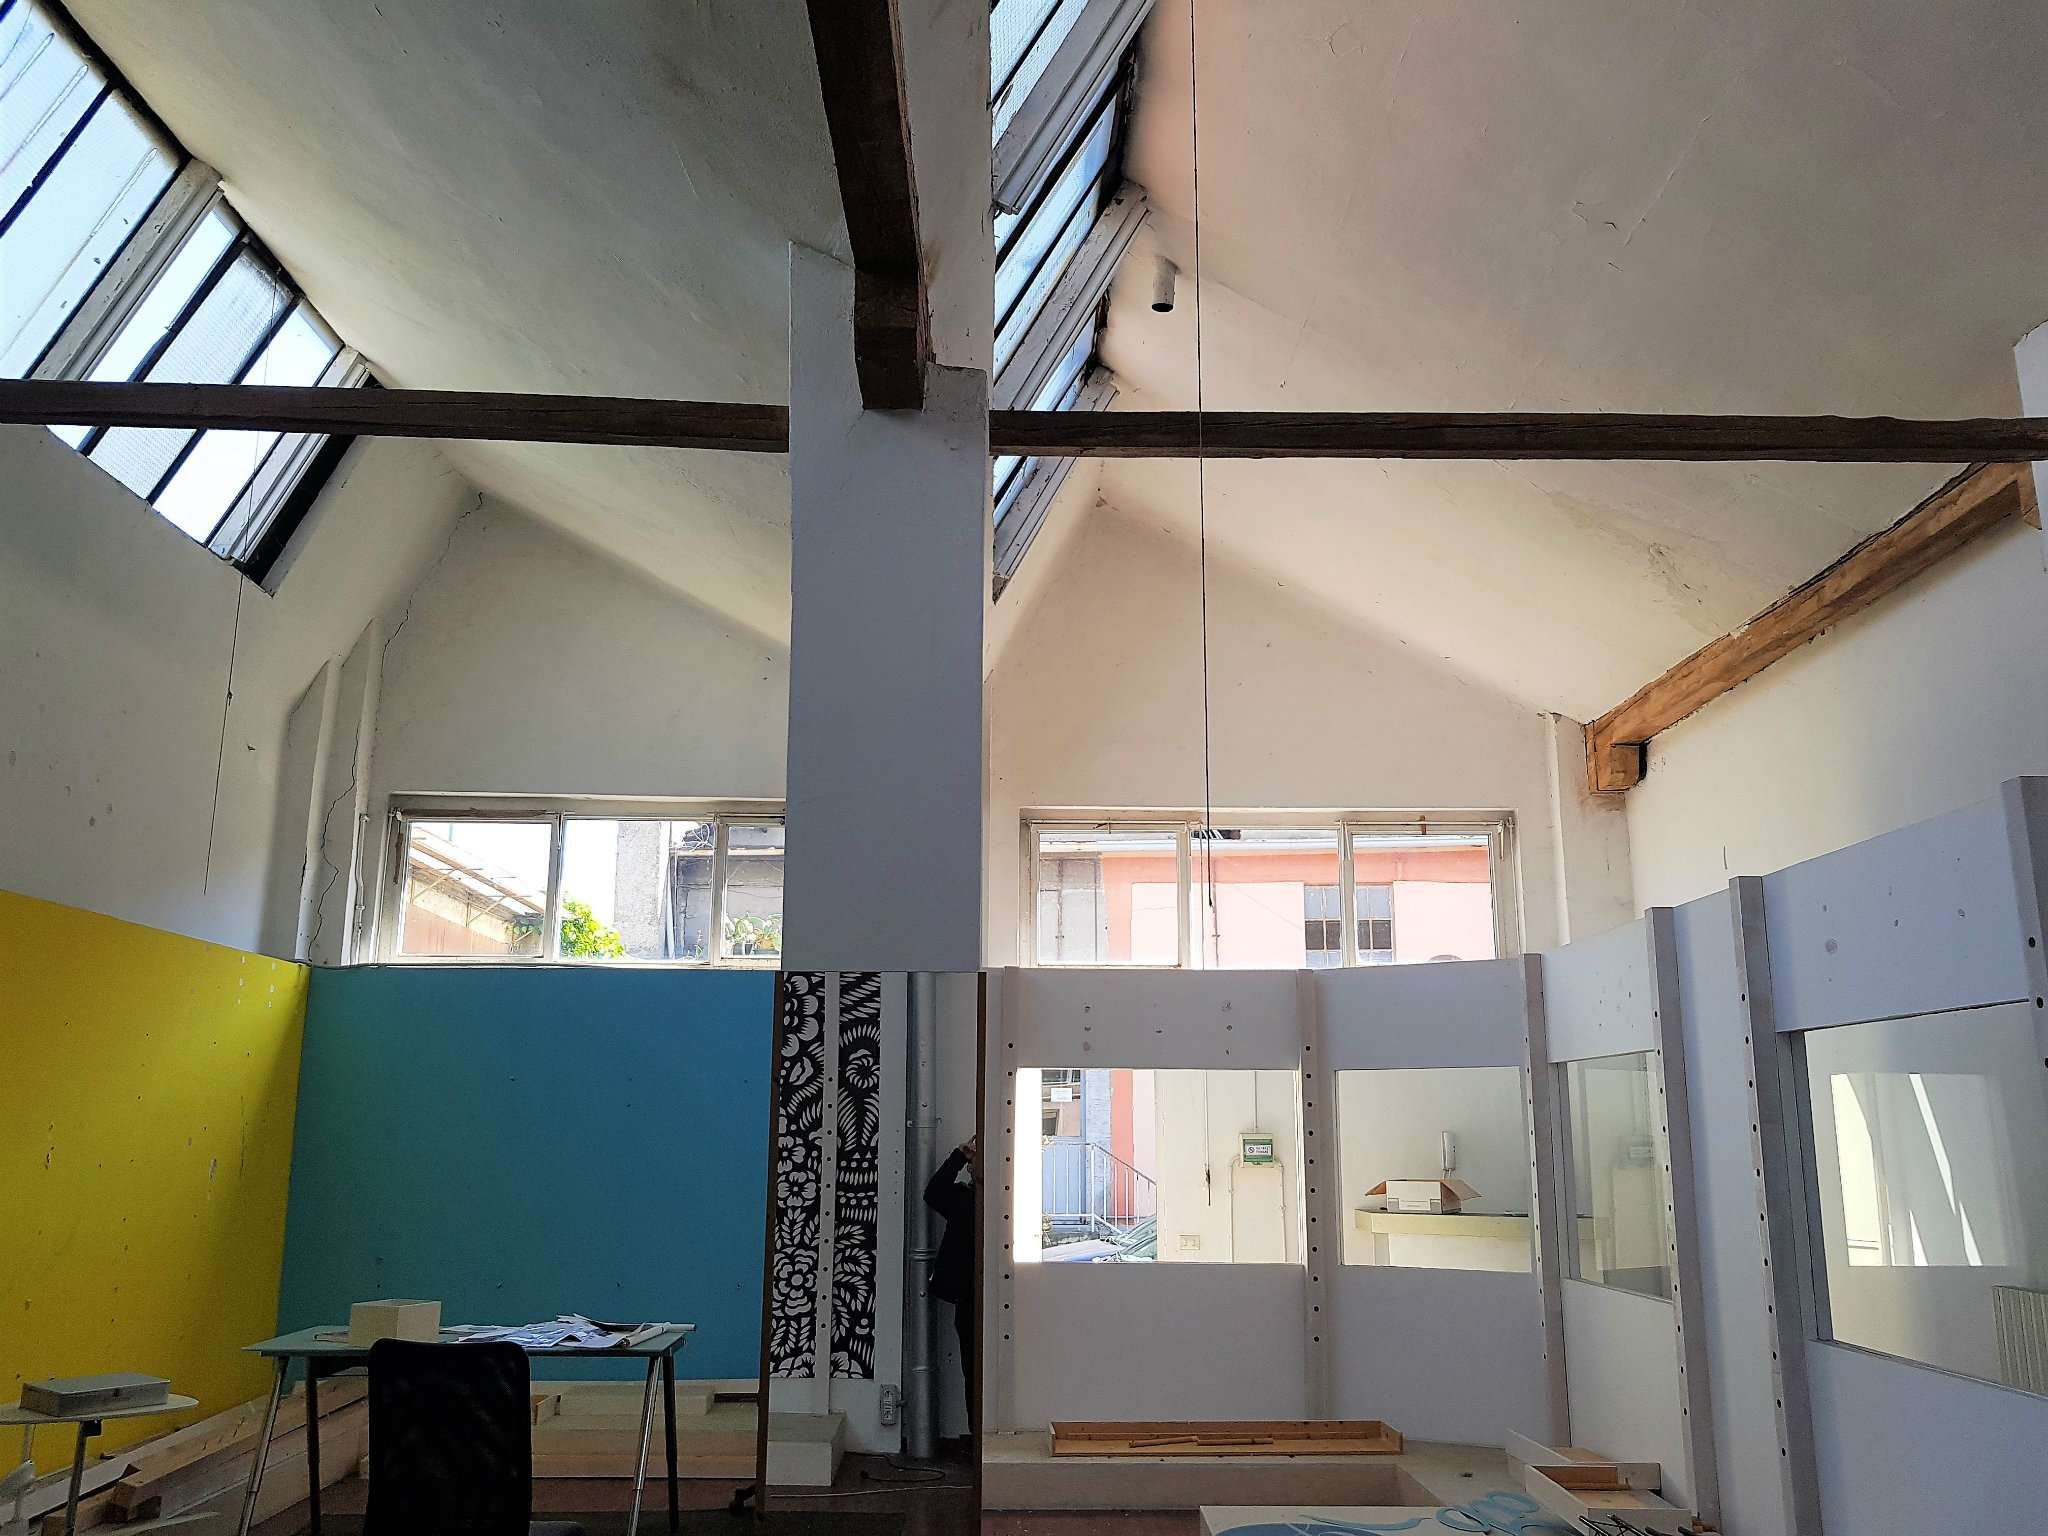 Laboratorio in Affitto a Milano 21 Udine / Lambrate / Ortica: 4 locali, 120 mq